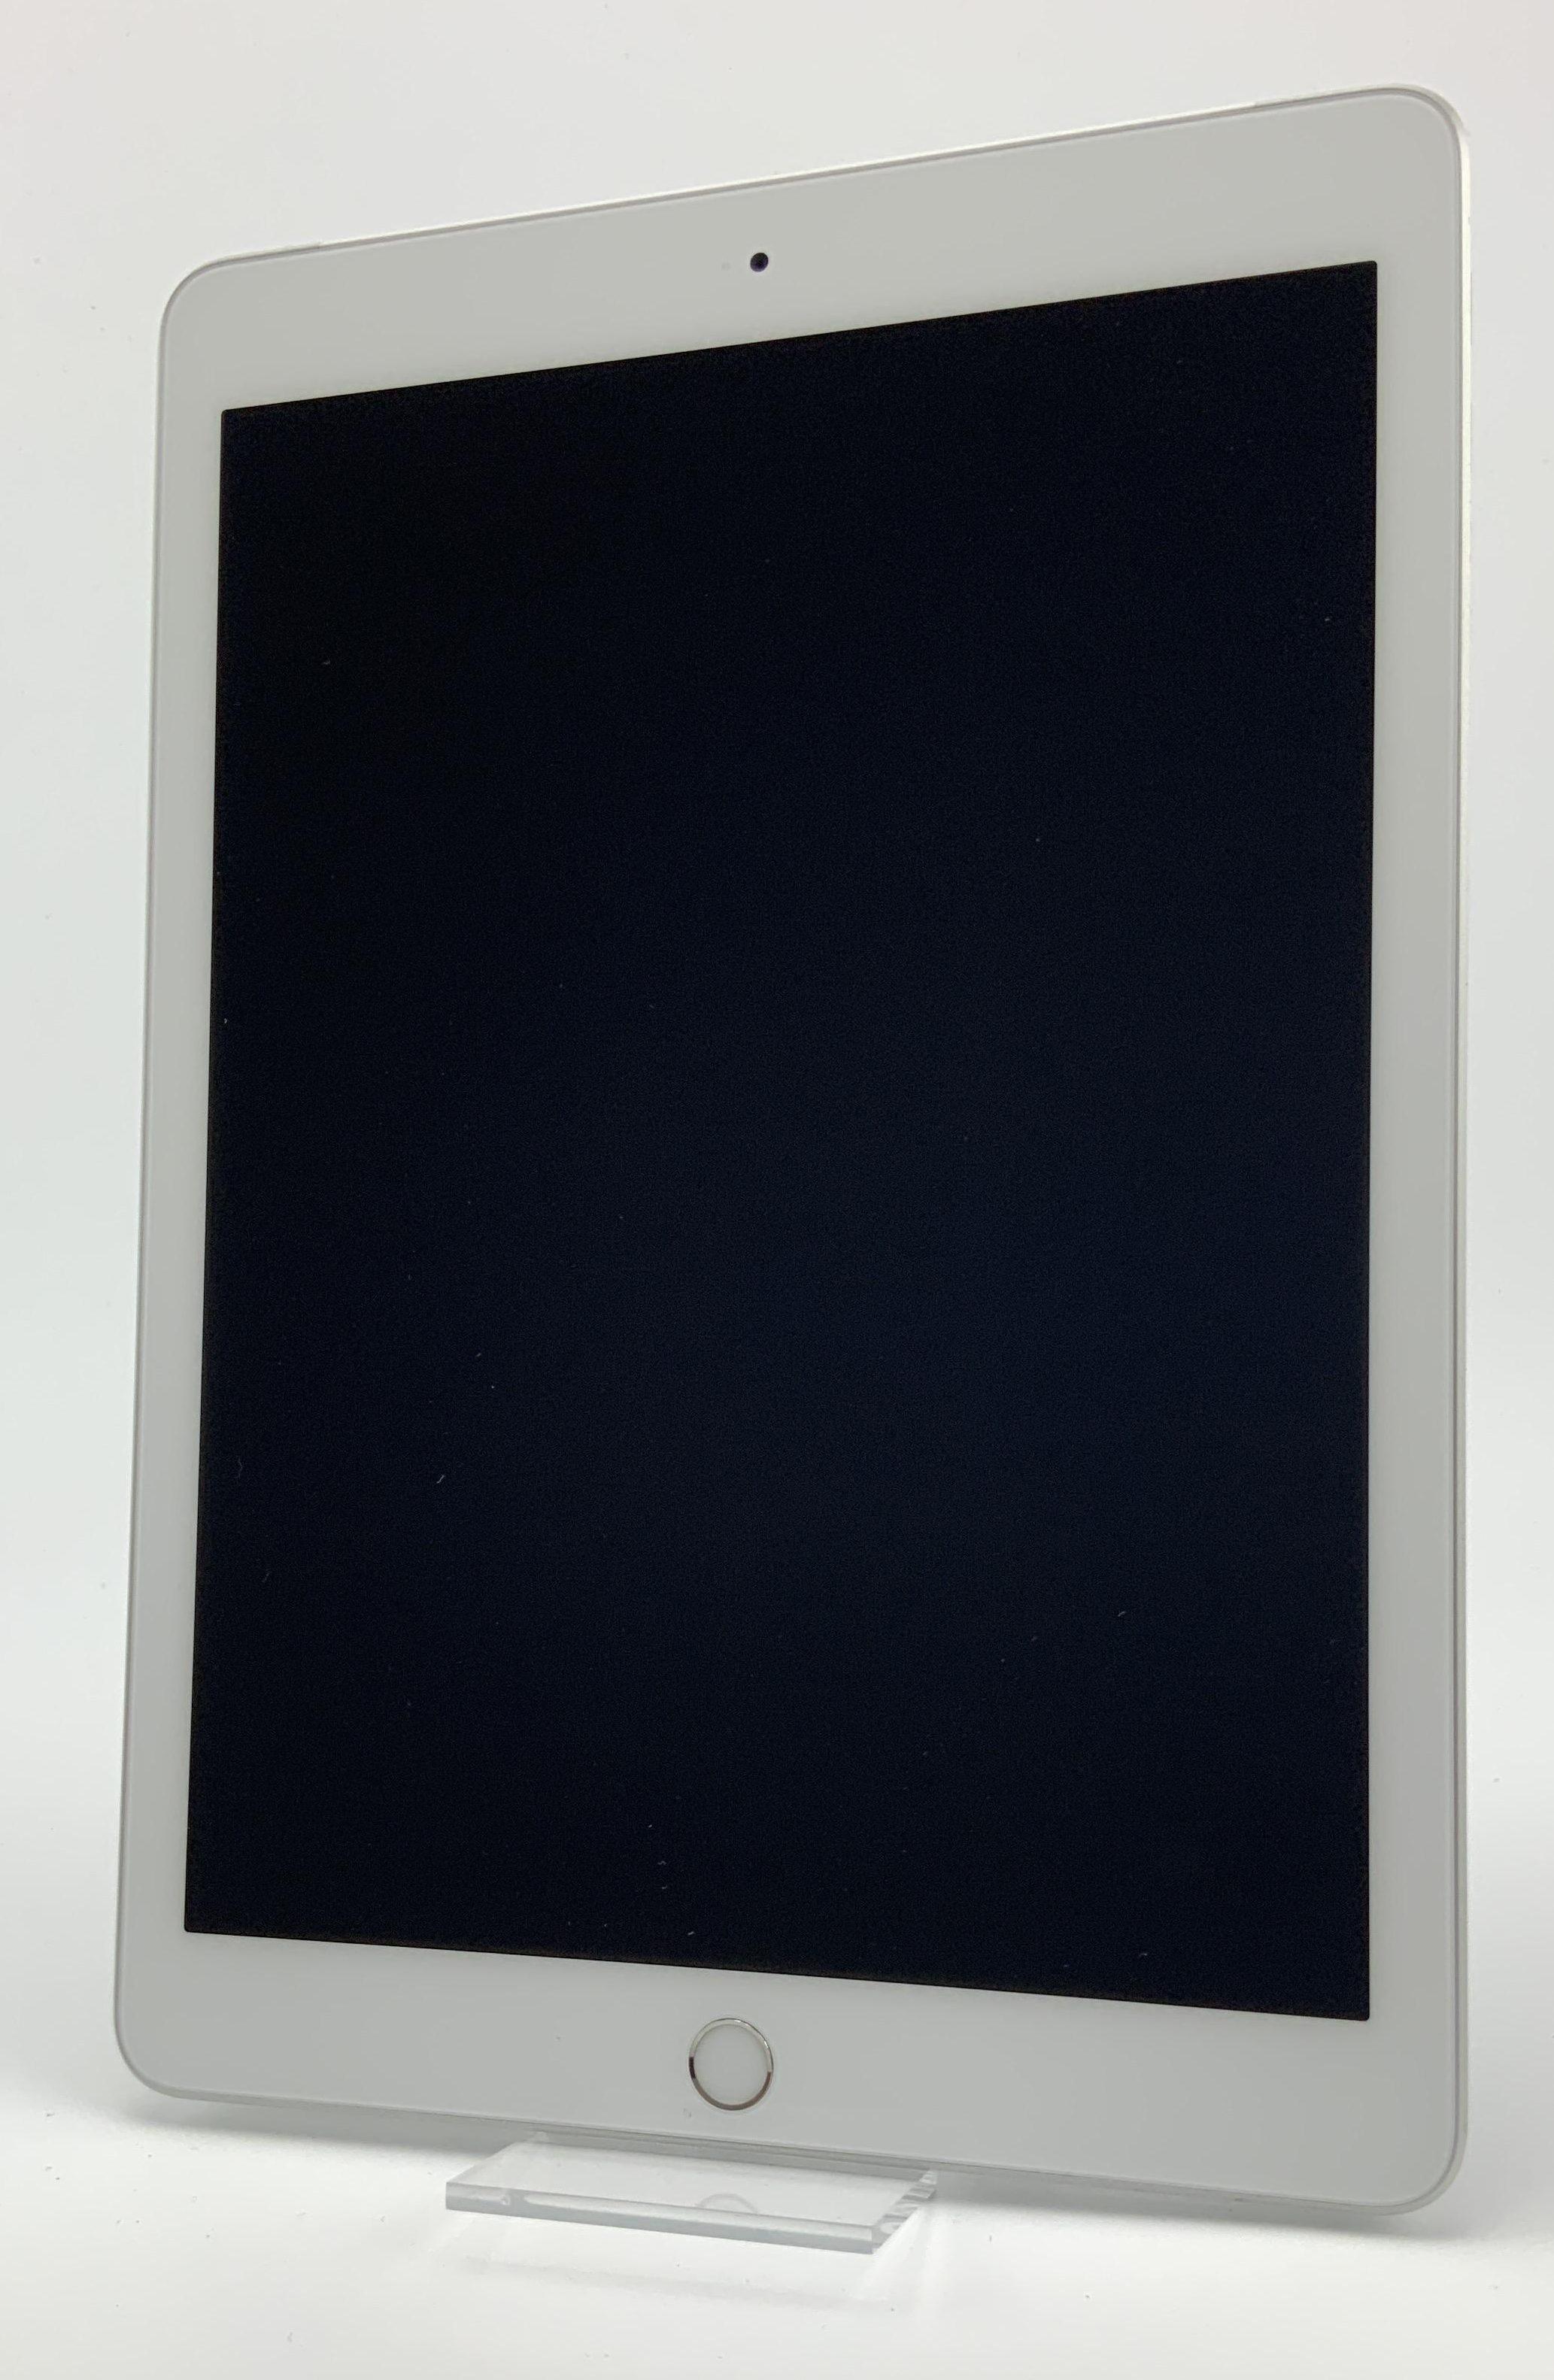 iPad 5 Wi-Fi + Cellular 128GB, 128GB, Silver, imagen 1